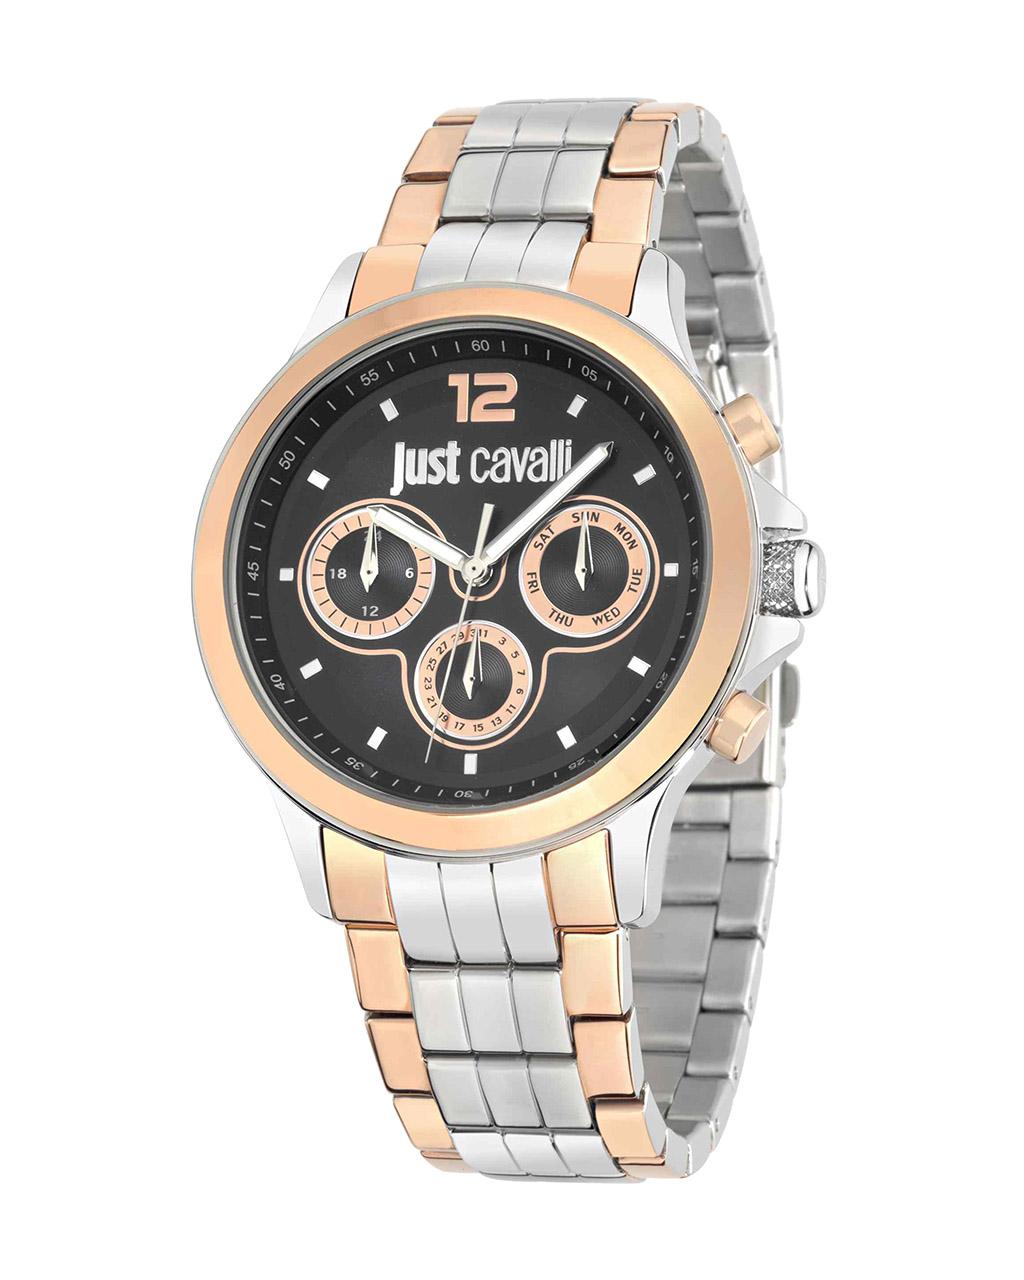 Ρολόι JUST CAVALLI R7253596001   brands just cavalli